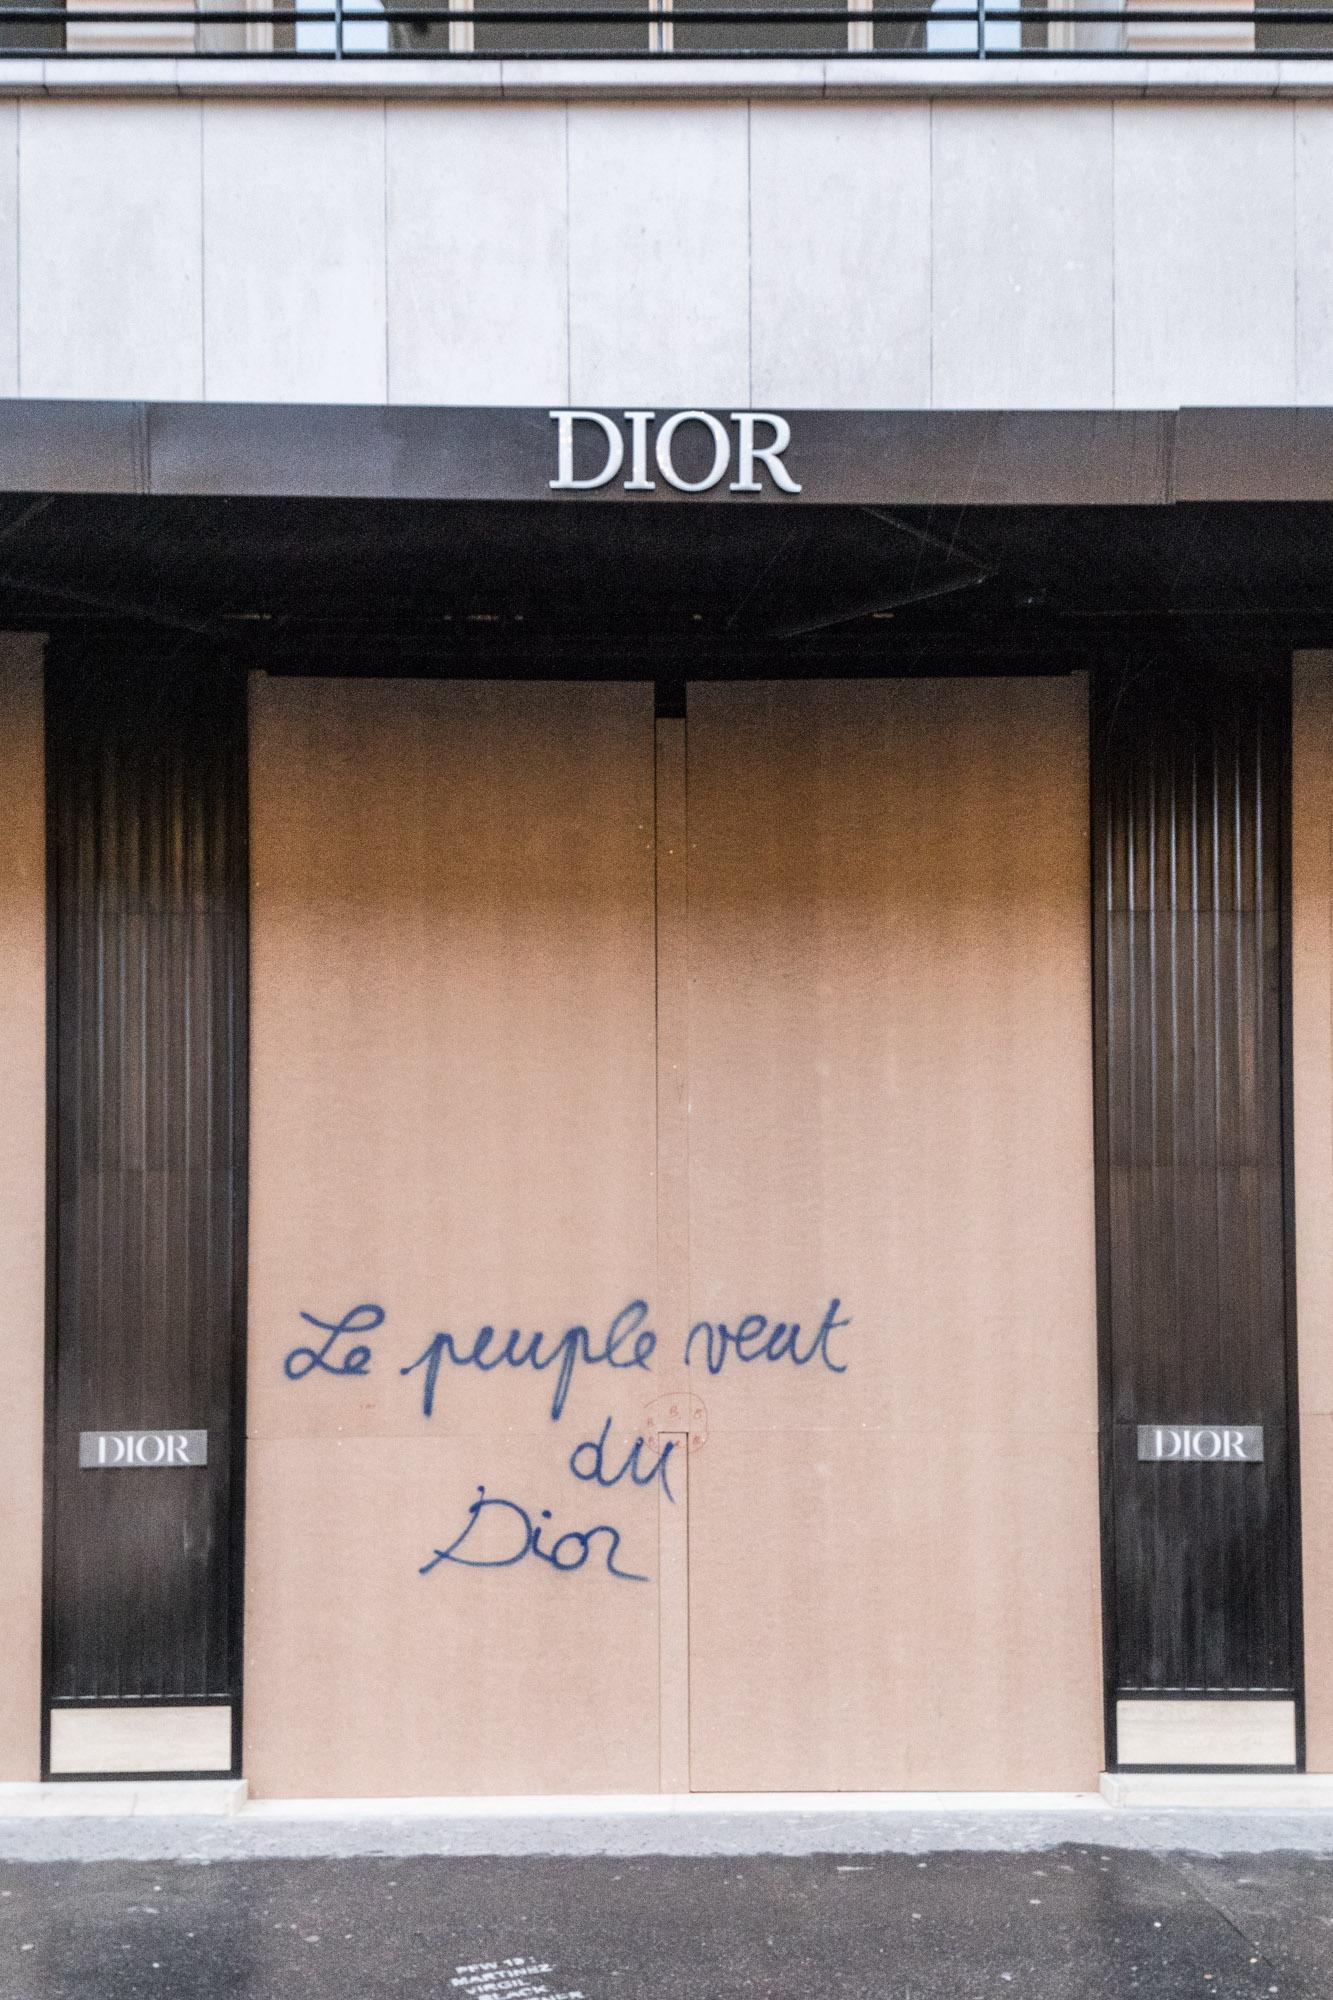 mur_gilet_jaune_paris_dior_manolo _myloas